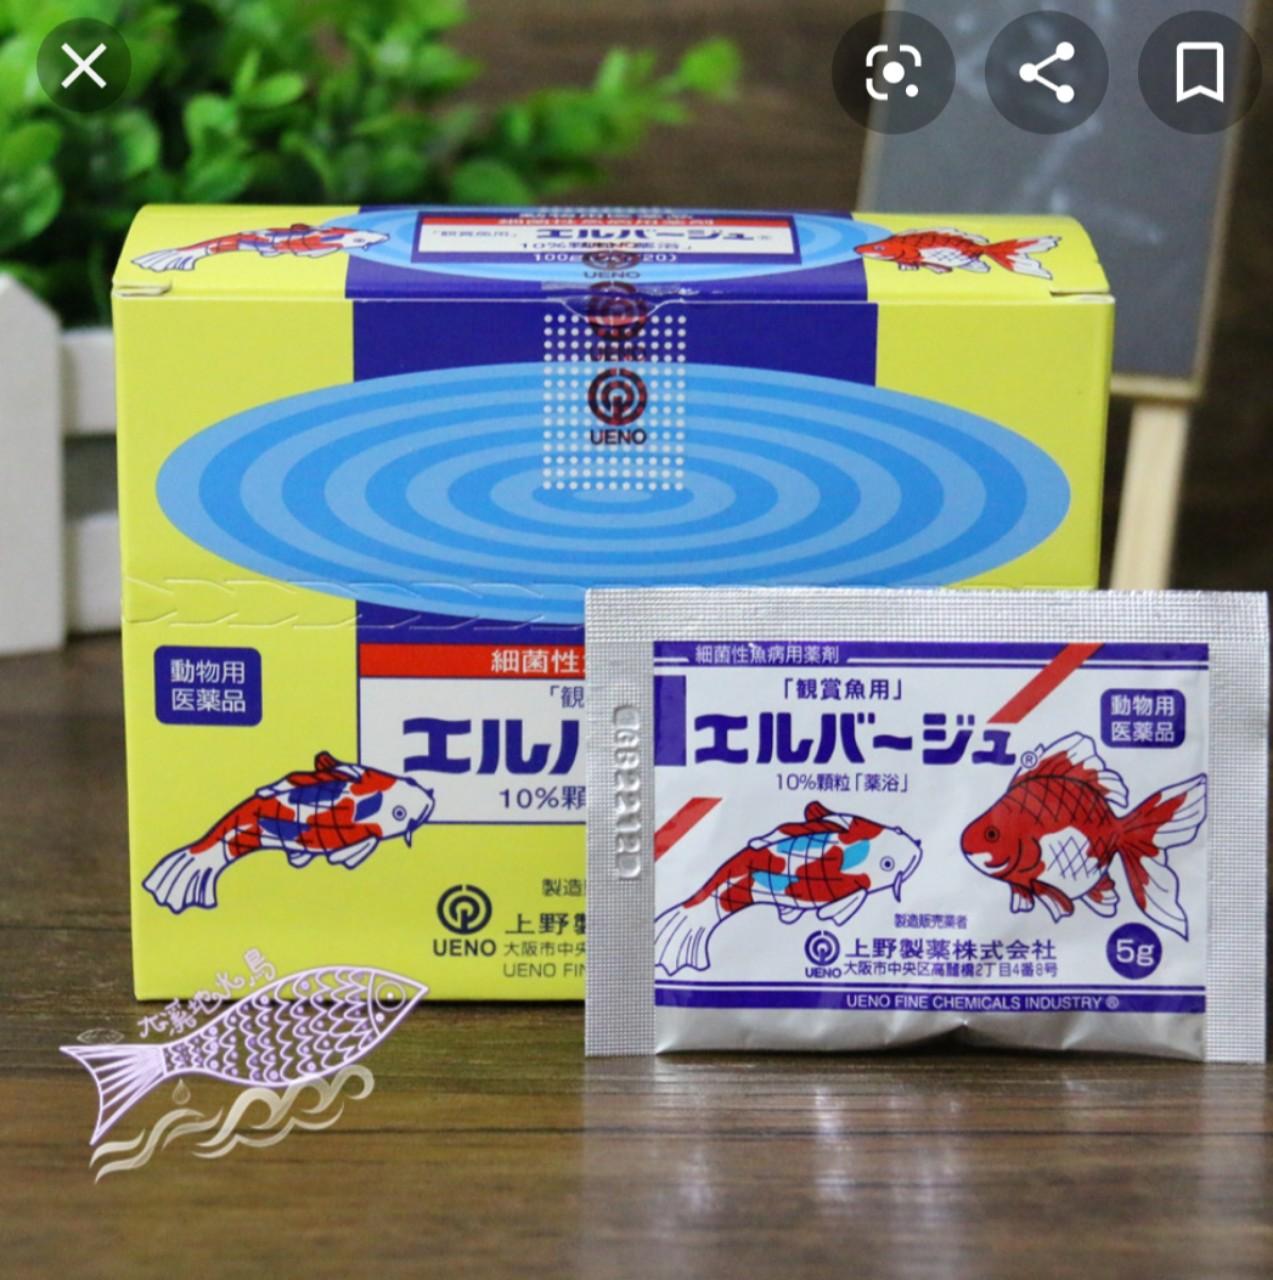 Thuốc Tetra Nhật, thuốc chữa nấm cho cá,dưỡng và khử khuẩn nước